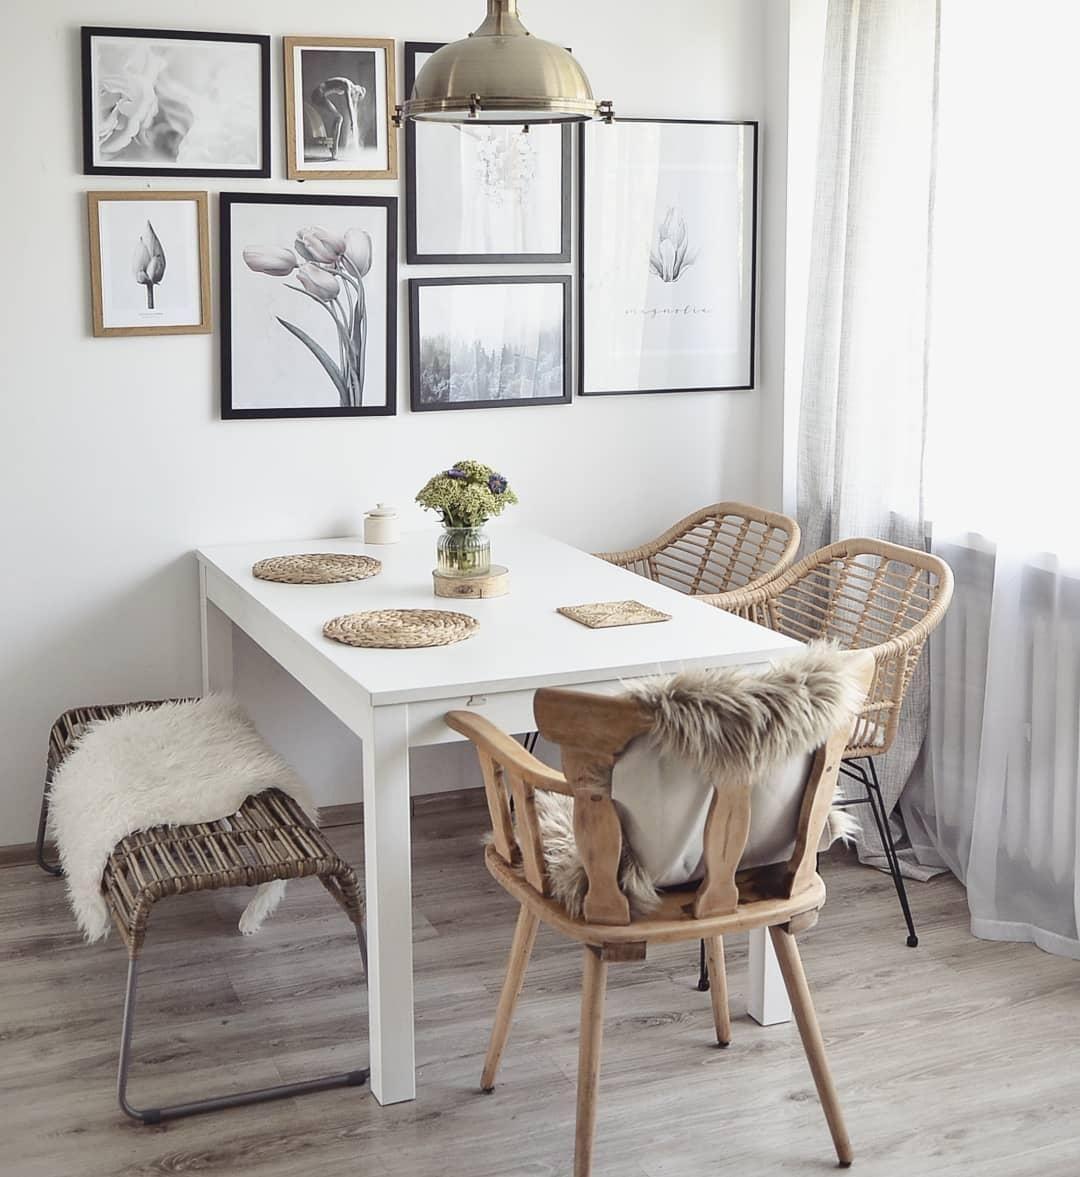 Armlehnstühle online kaufen: Stilvoll & bequem | WestwingNow